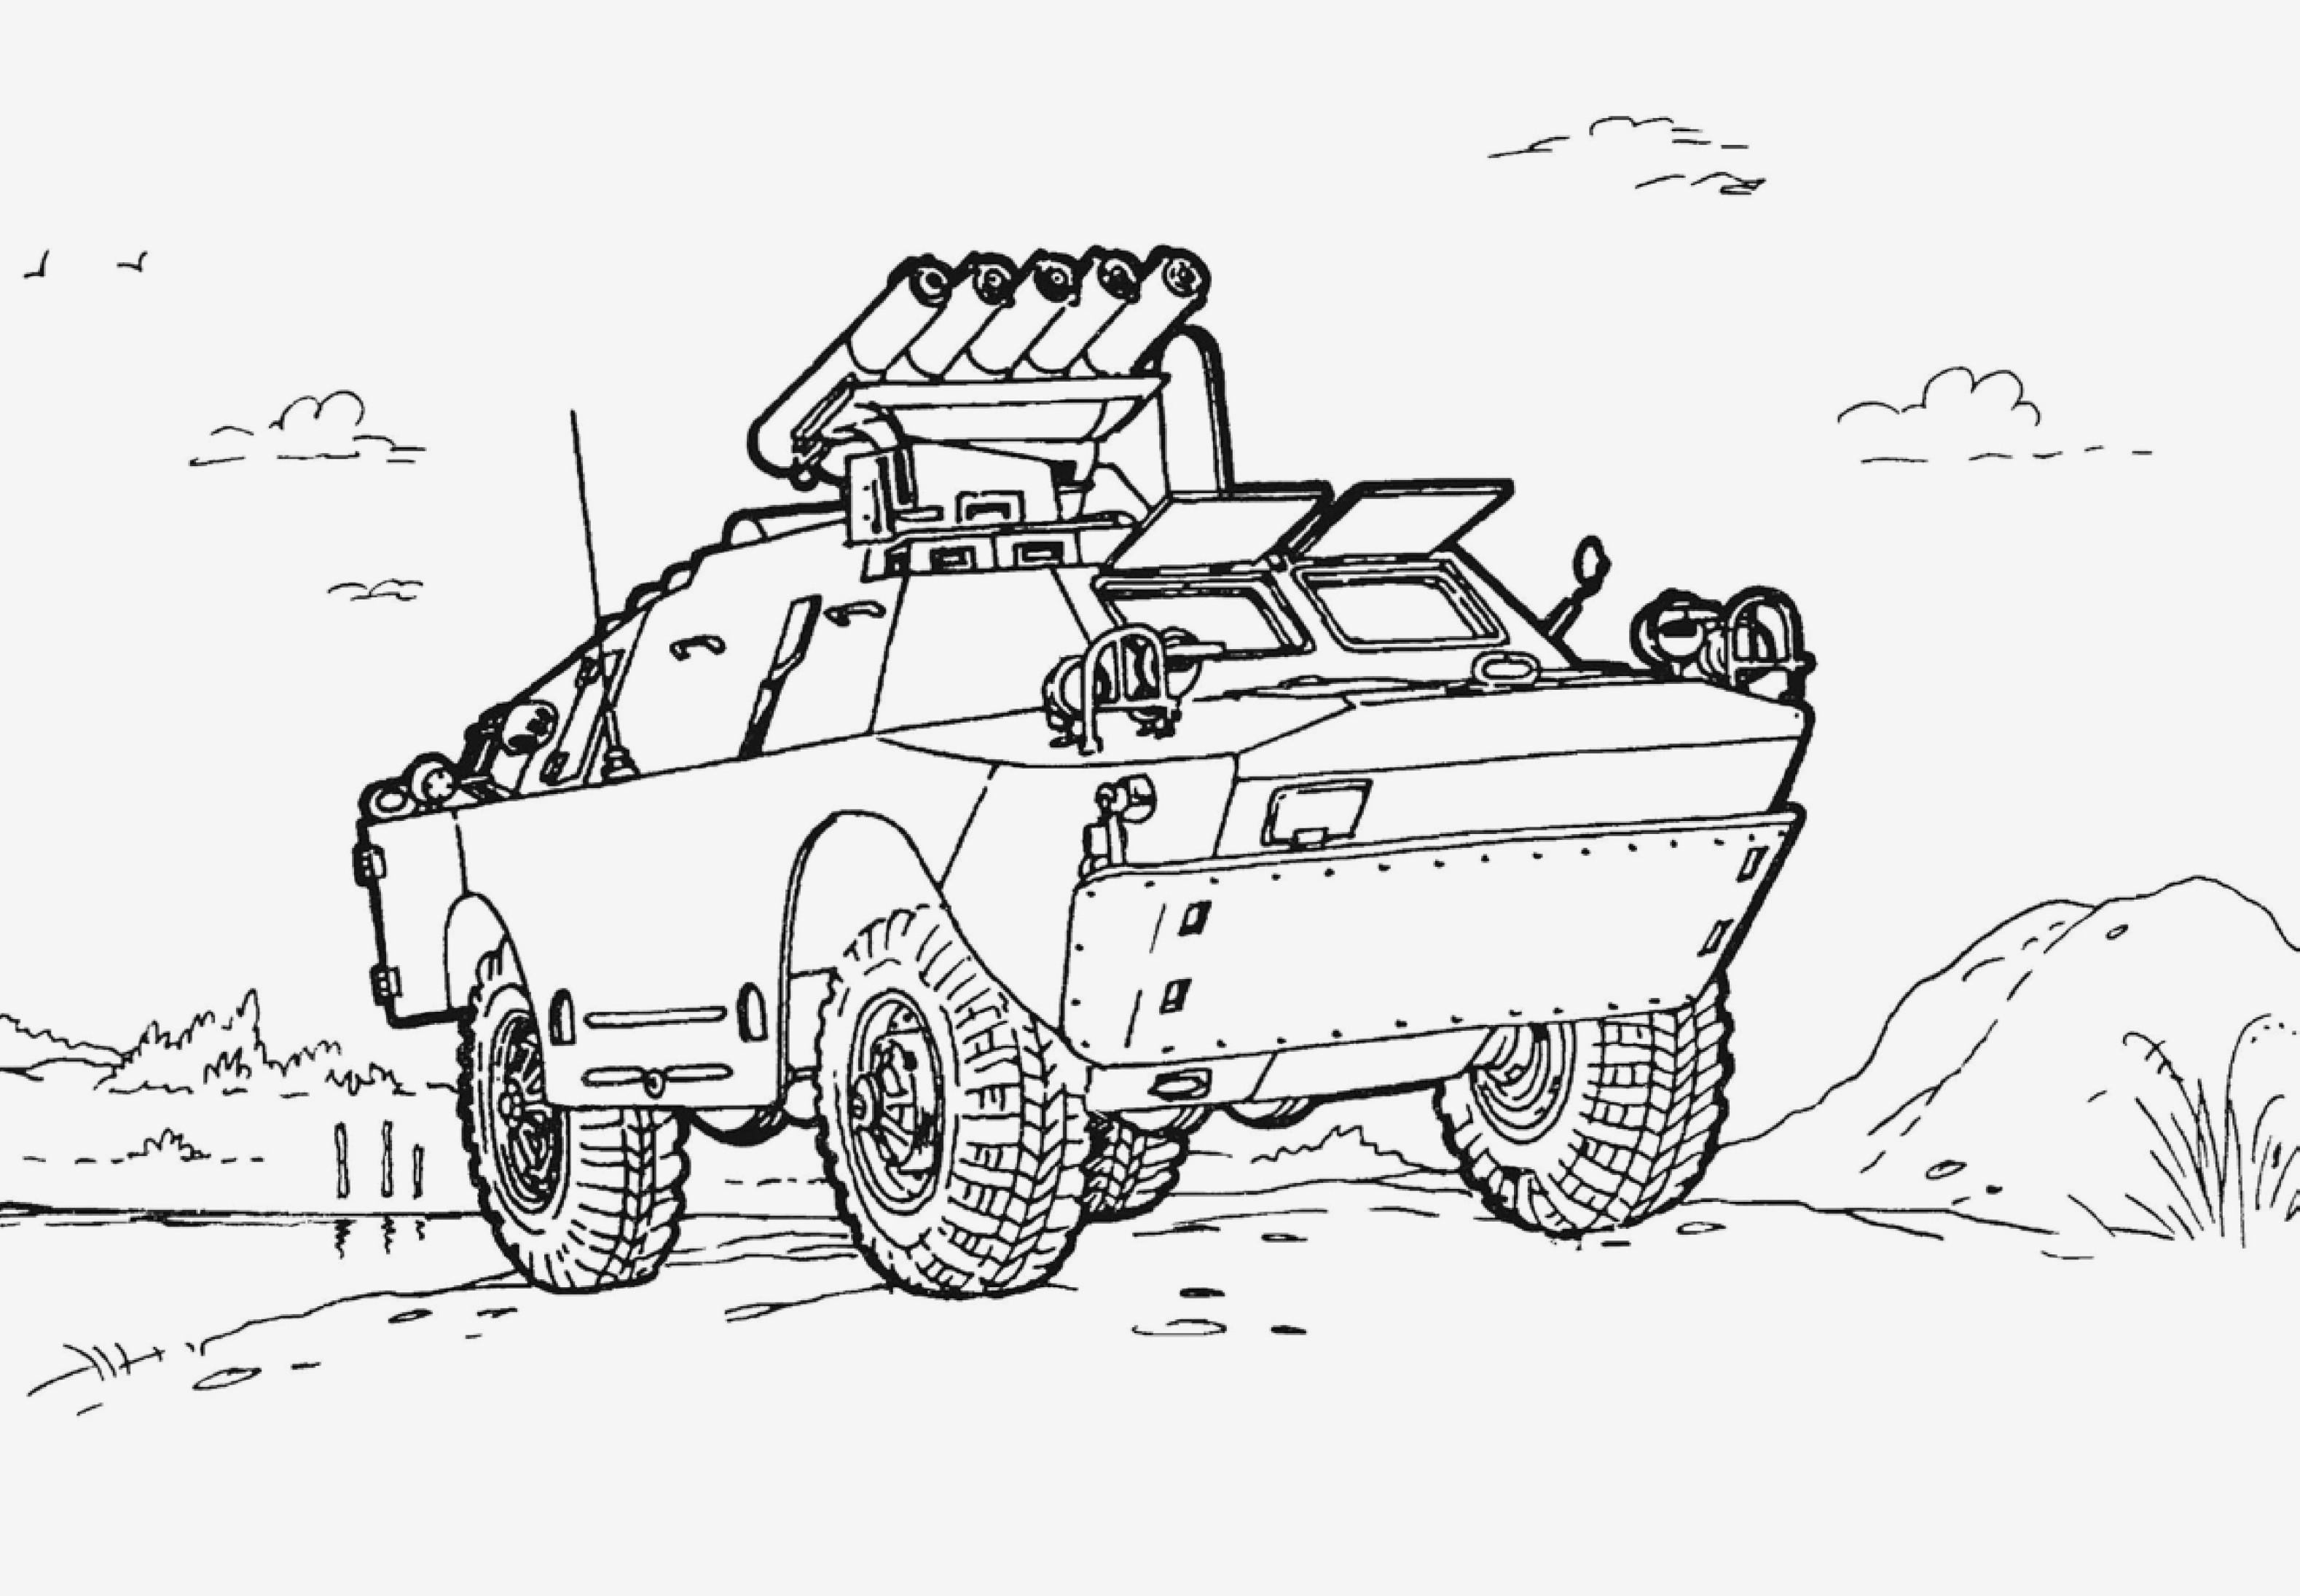 Birne Zum Ausmalen Inspirierend Verschiedene Bilder Färben Ausmalbilder Panzer Bilder